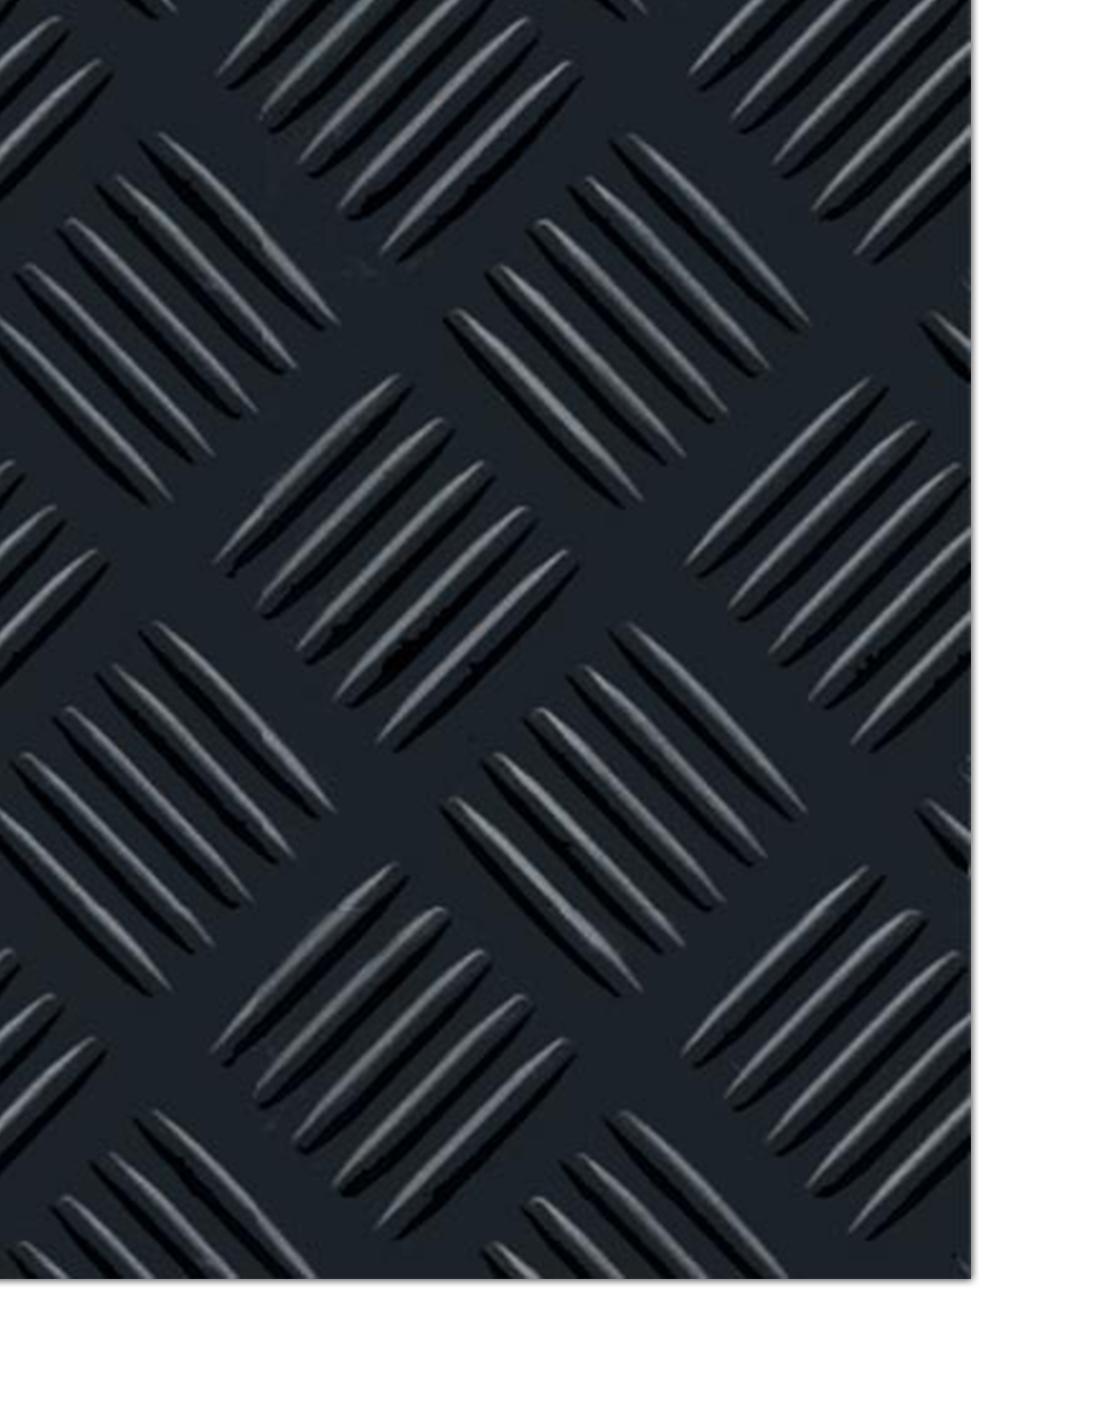 Pavimento Checker 3 mm - Rollo 15 m Ancho 1 m